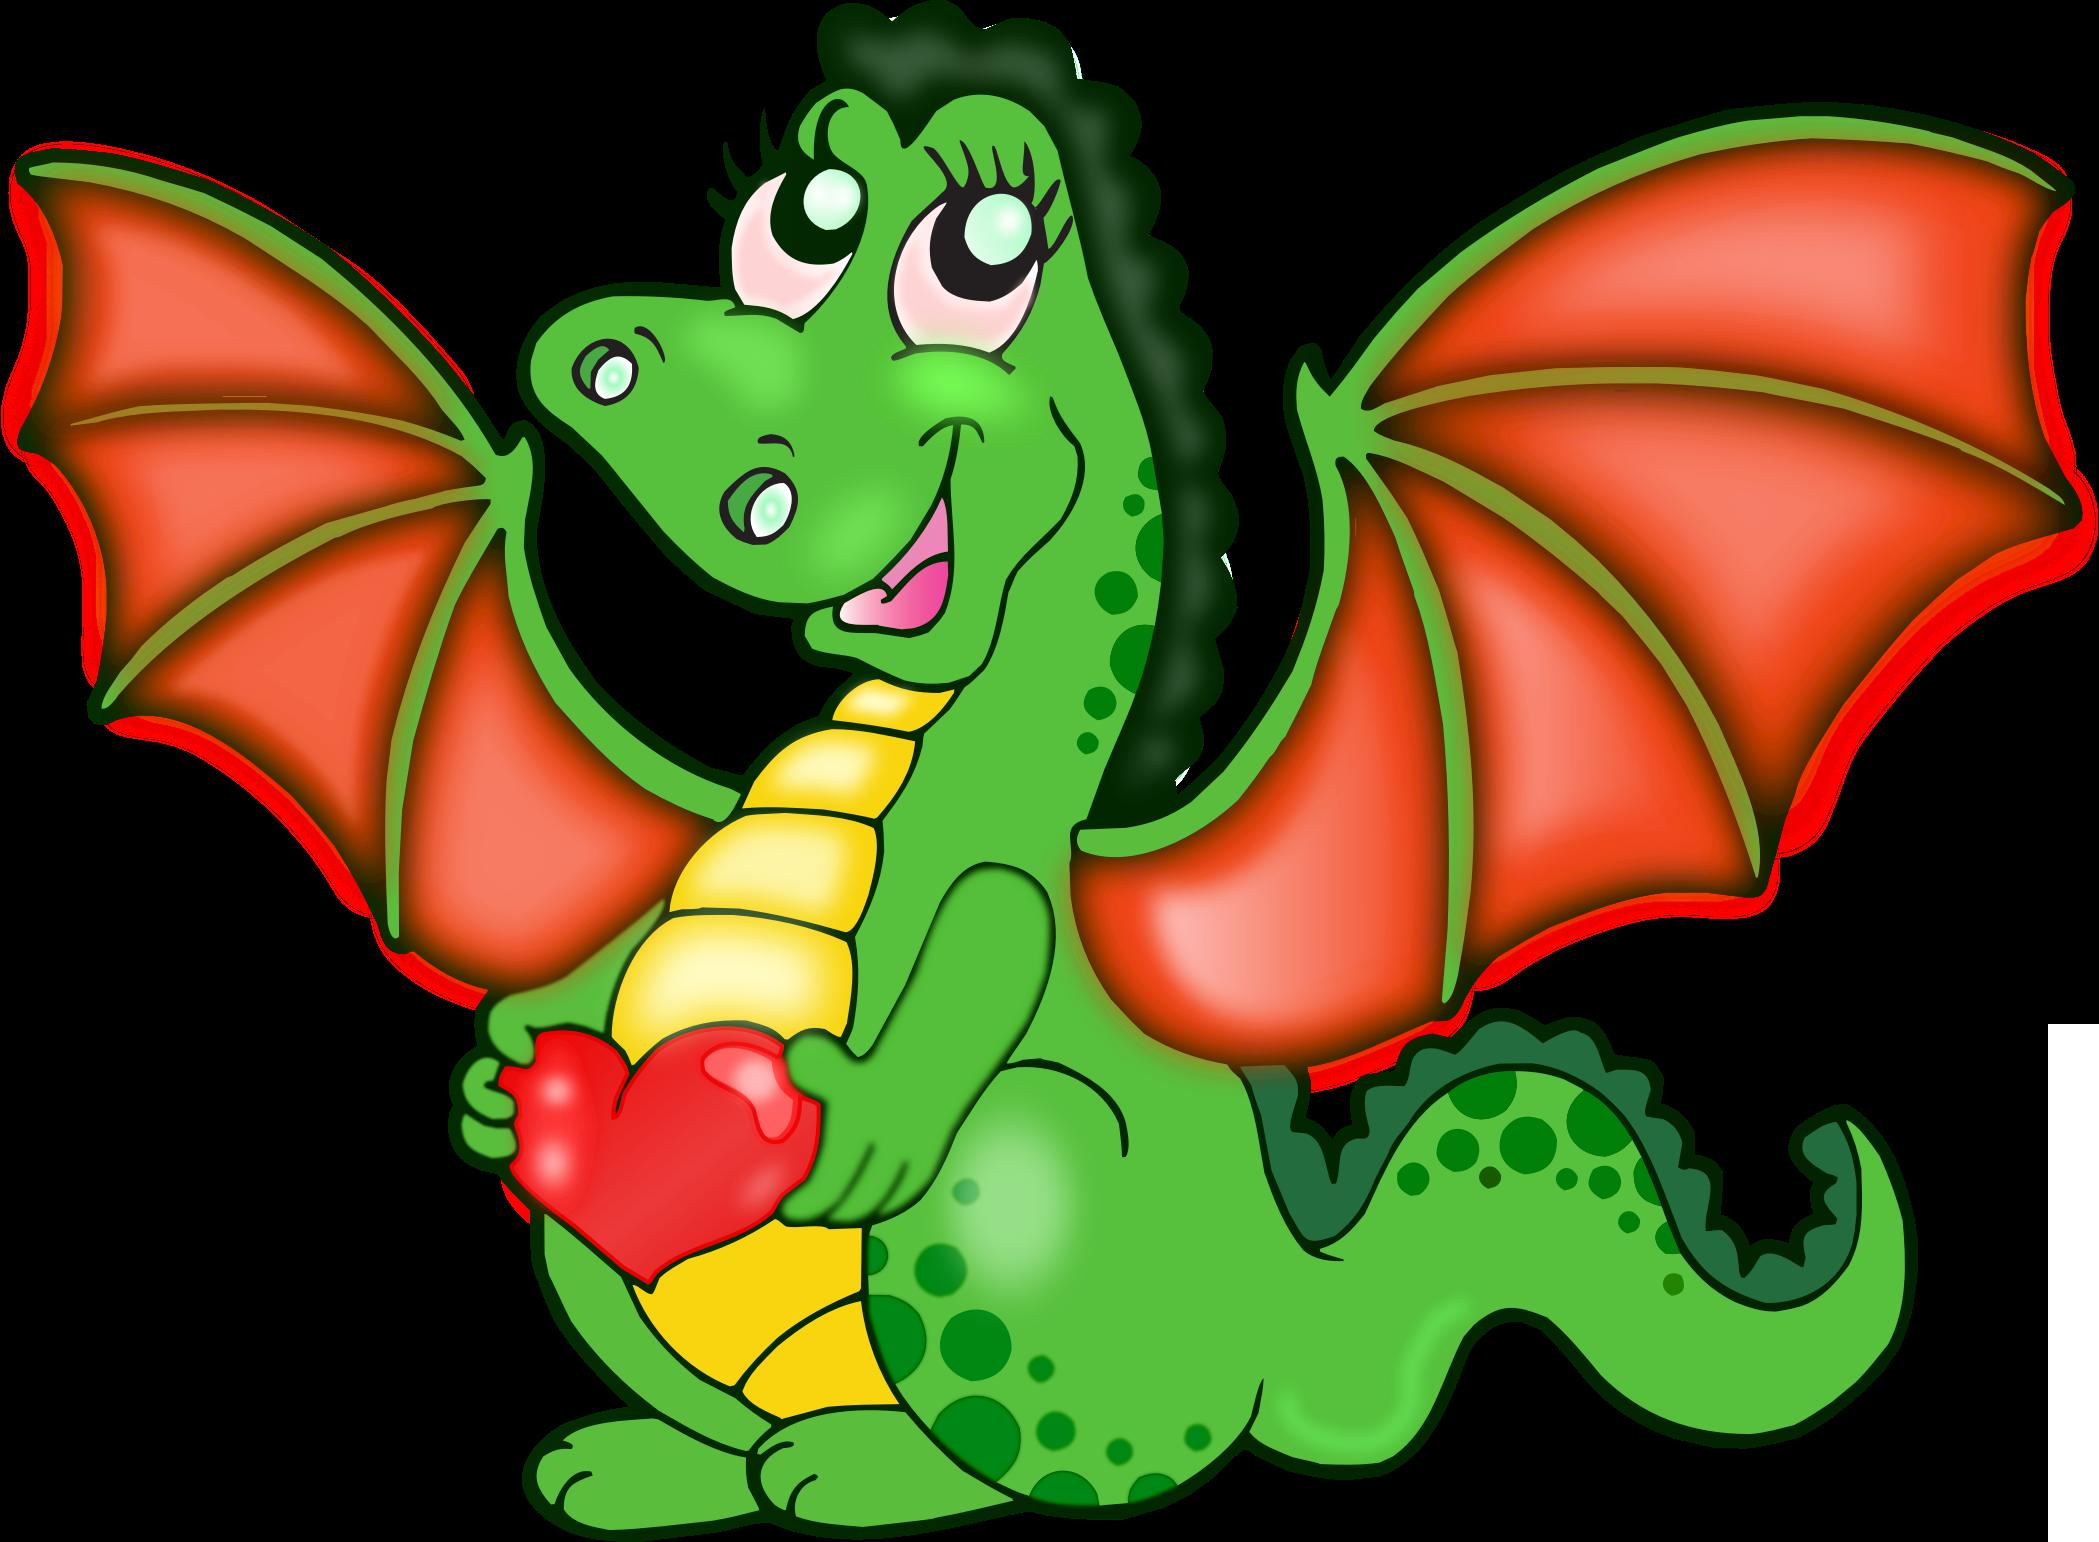 Картинки дракончиков мультяшных, для